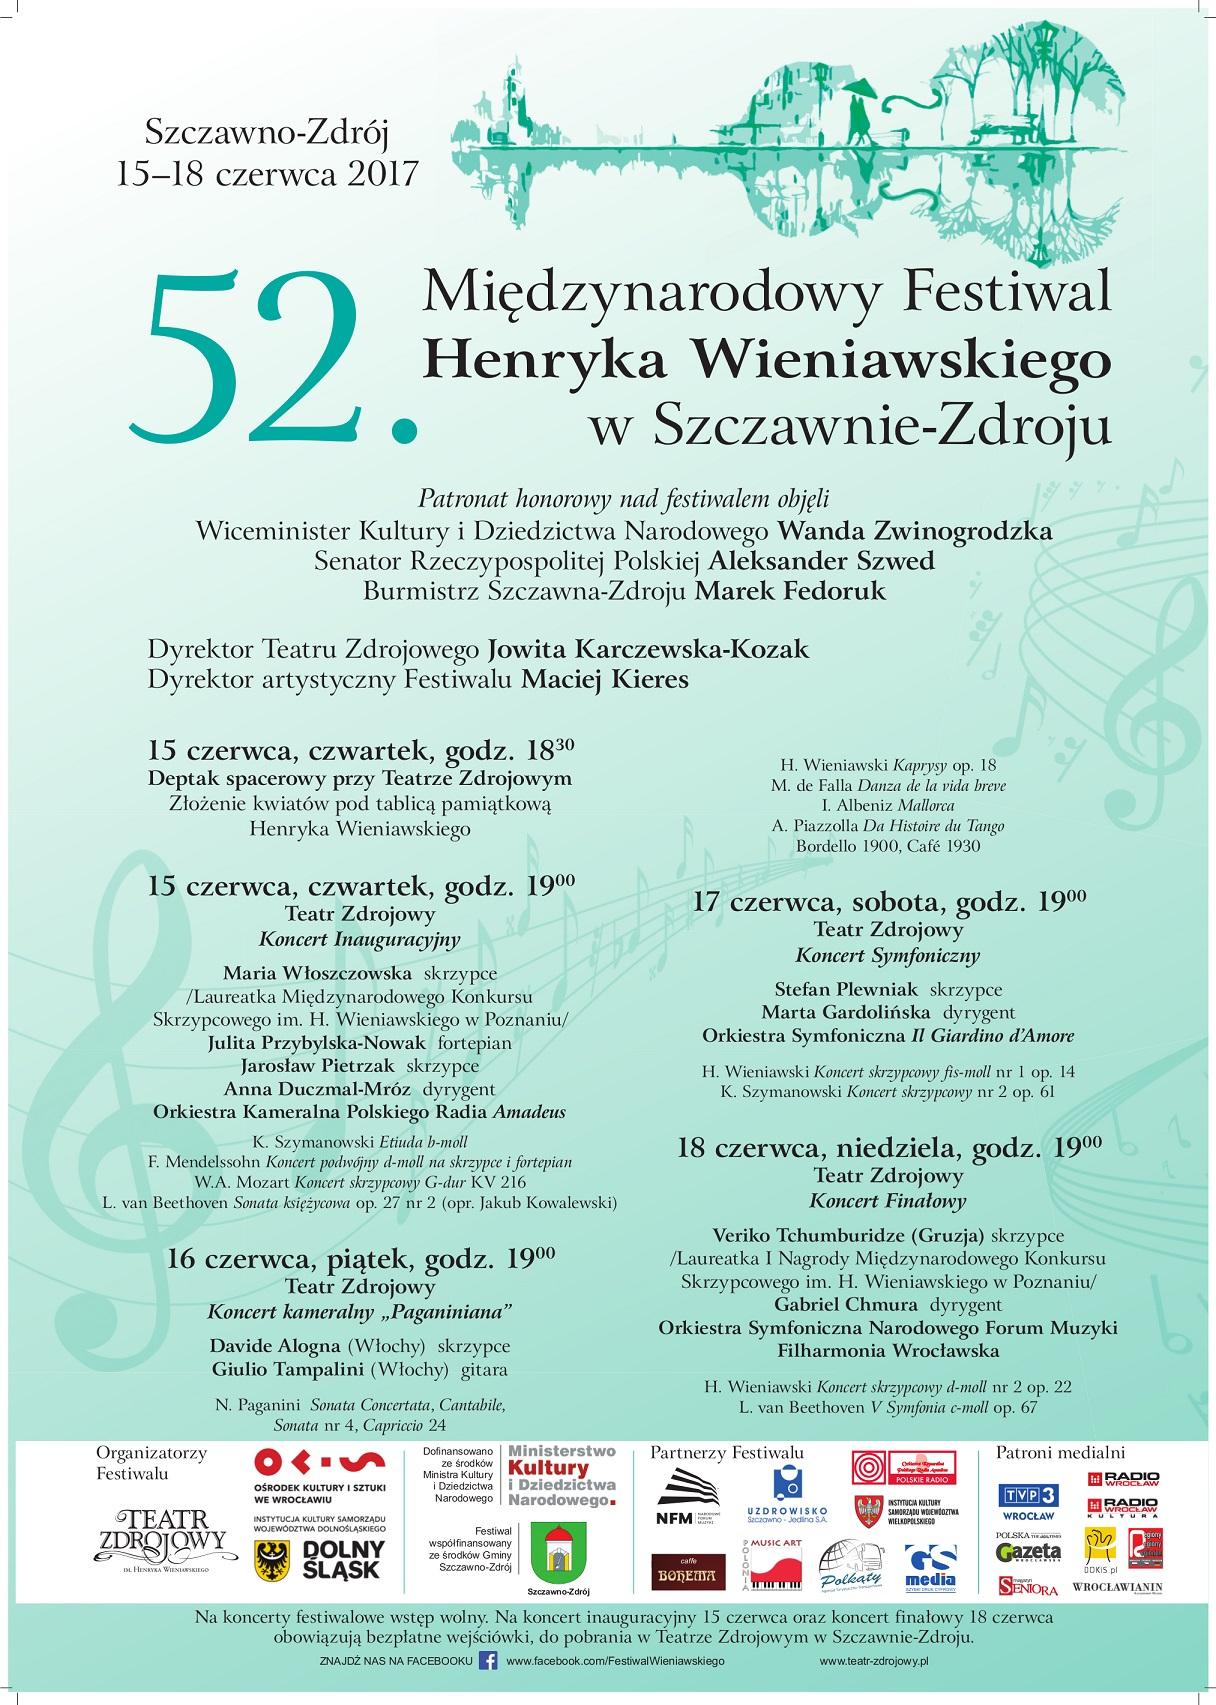 52nd International Henryk Wieniawski Festival in Szczawno-Zdrój (15-18.06.2017)